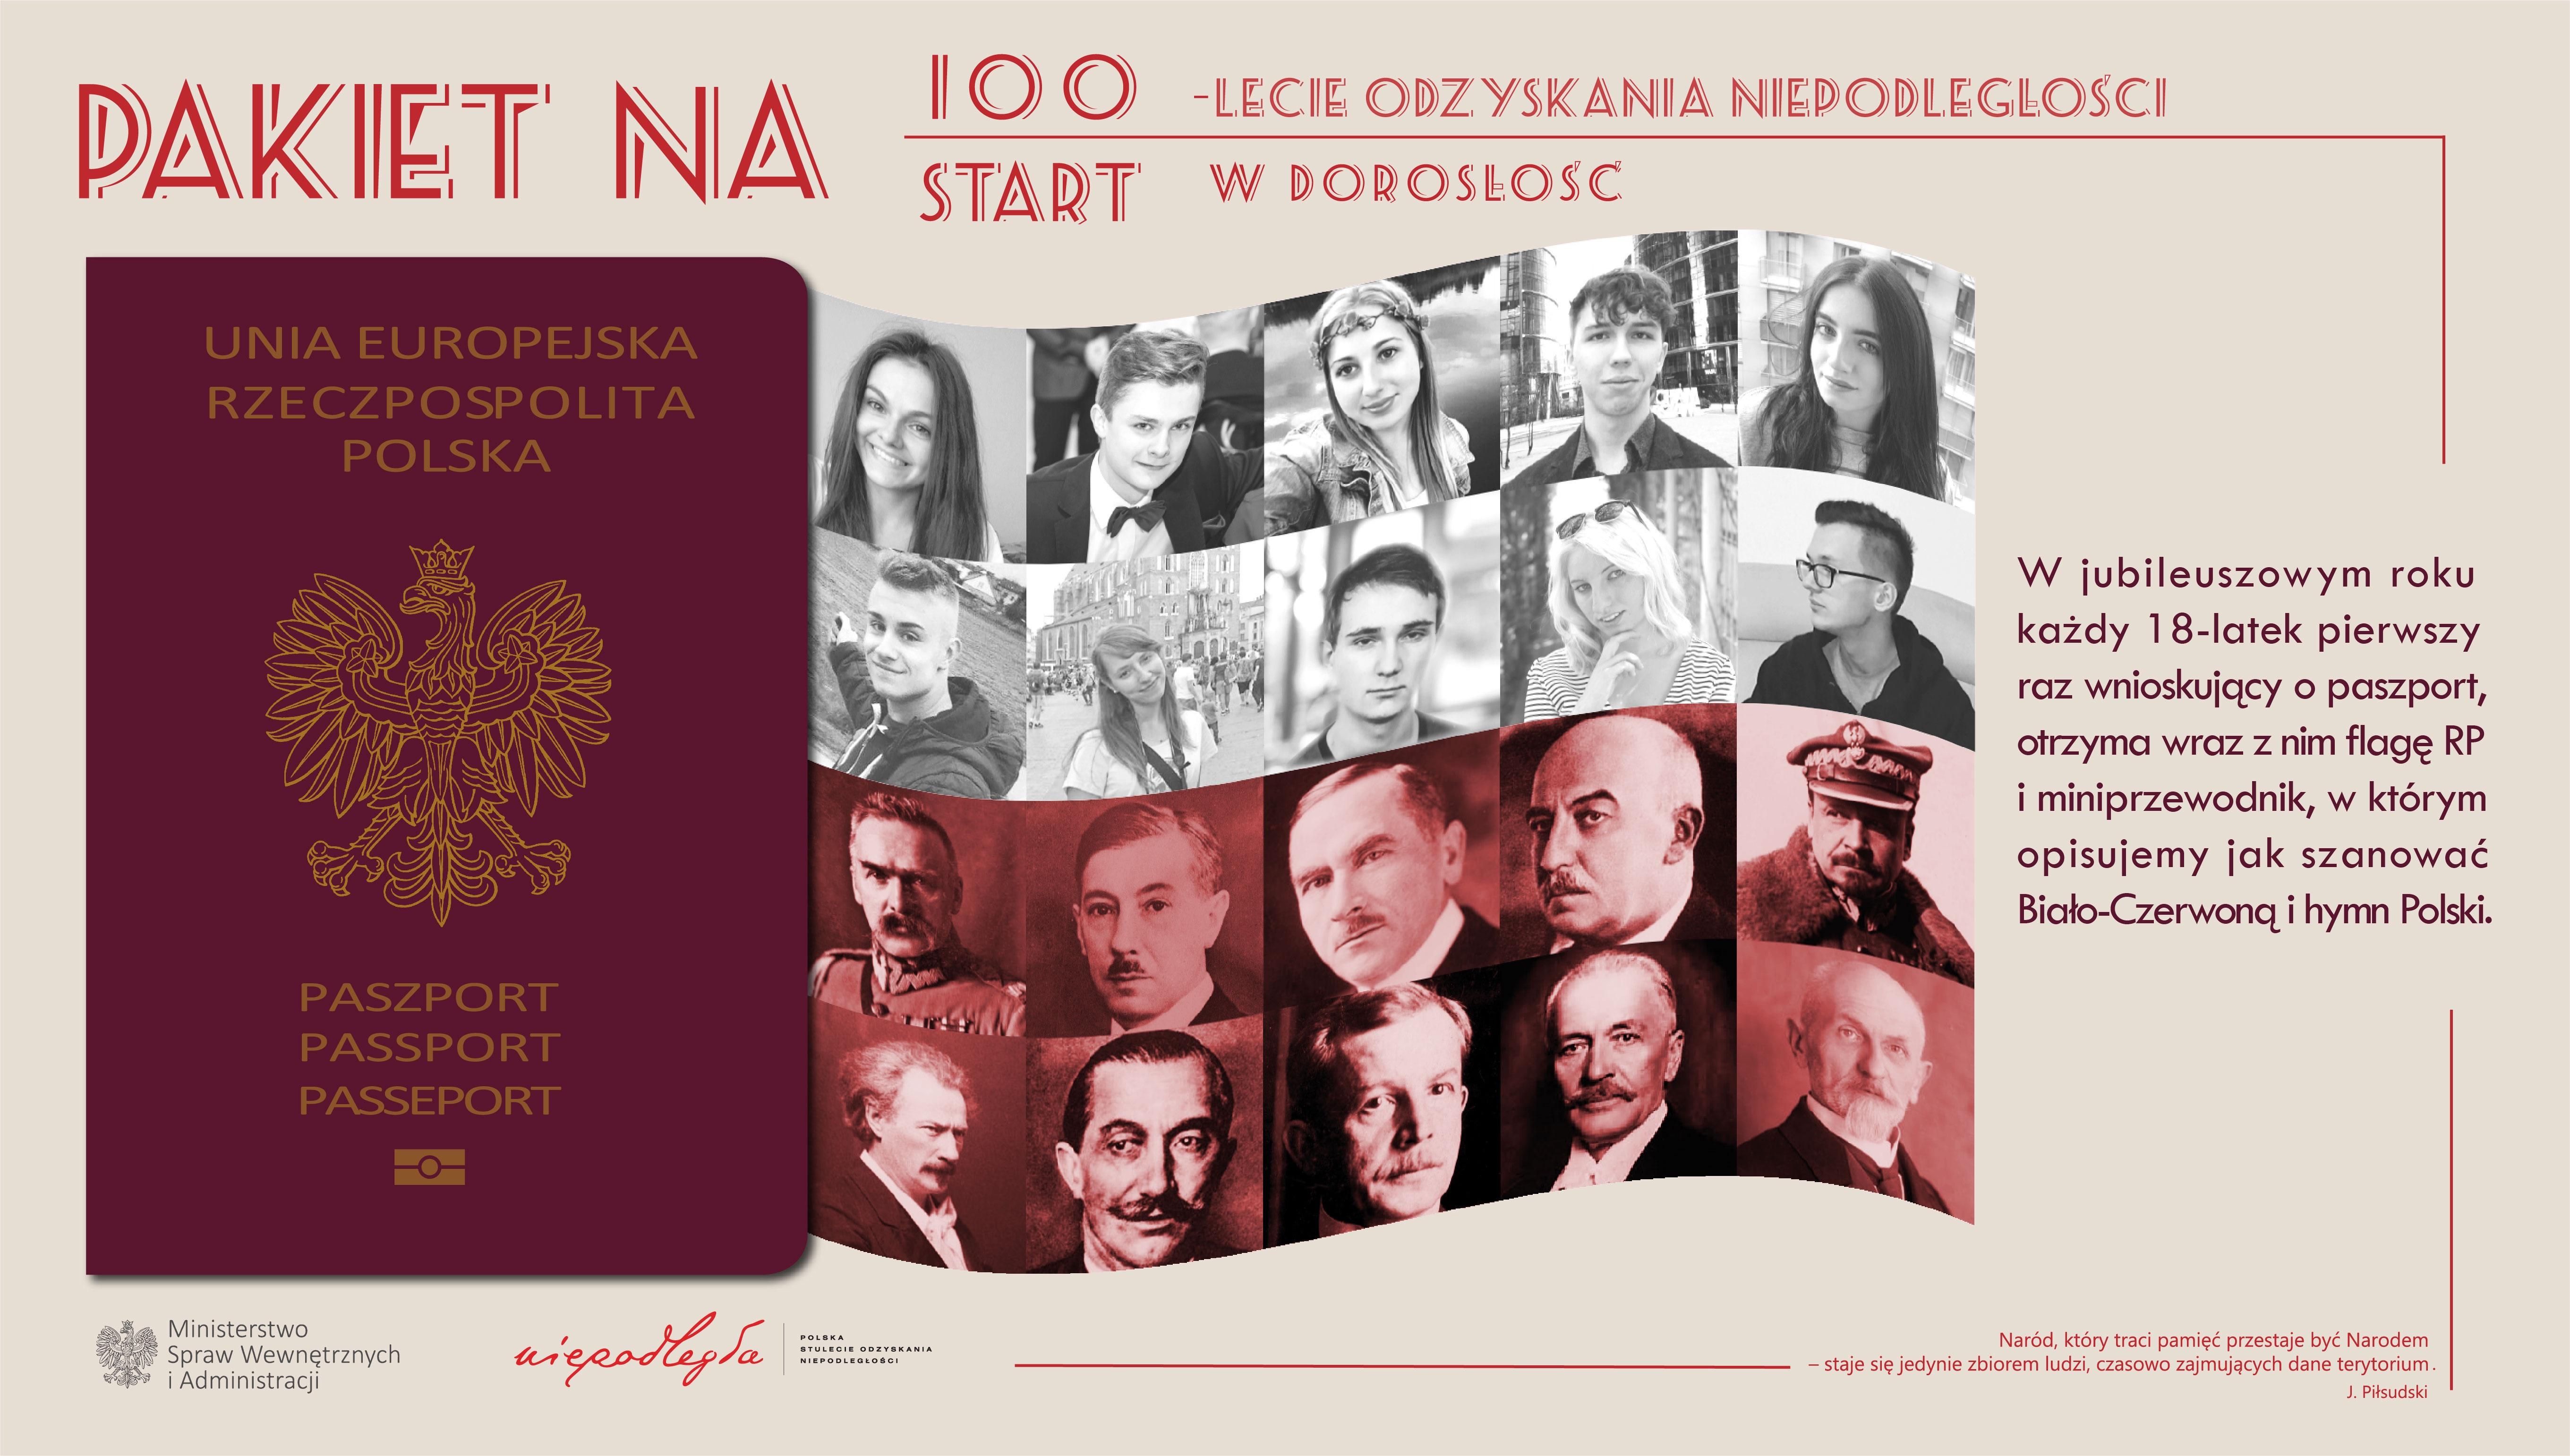 """Plakat akcji """"Pakiet na 100-lecie odzyskania przez Polskę niepodległości/start w dorosłość"""" """""""